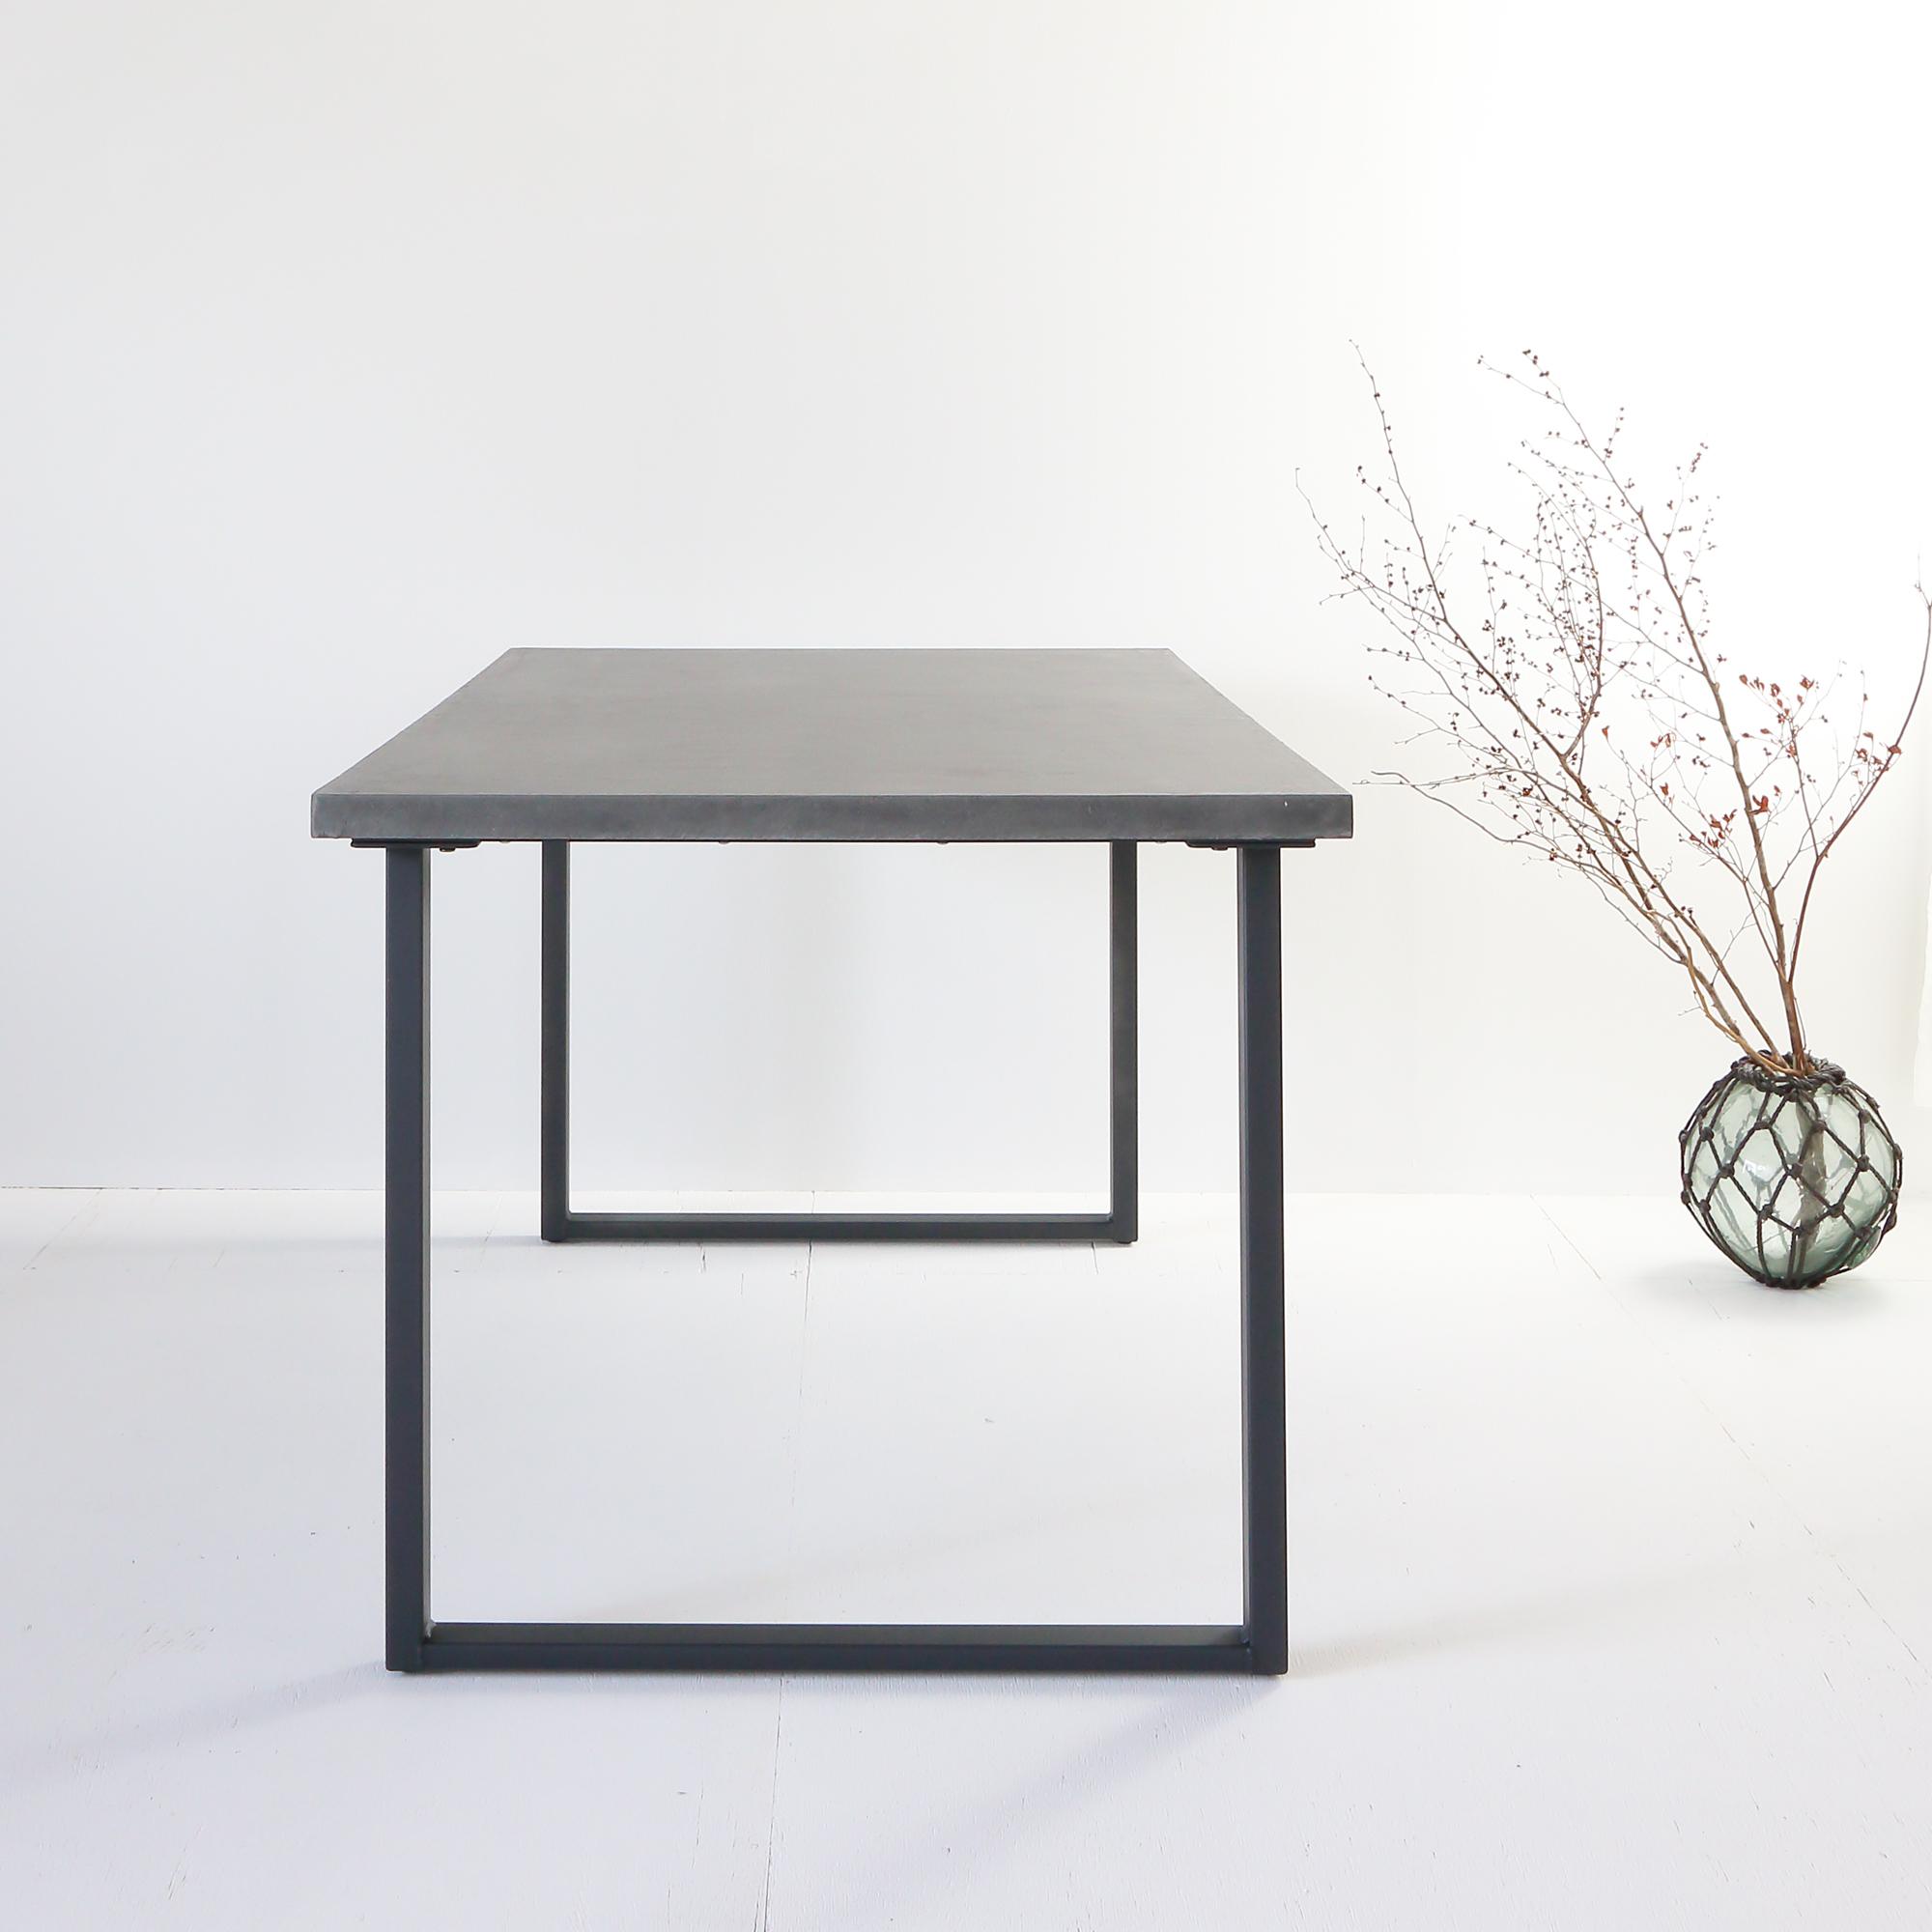 モールテックスダイニングテーブル モールテックステーブル